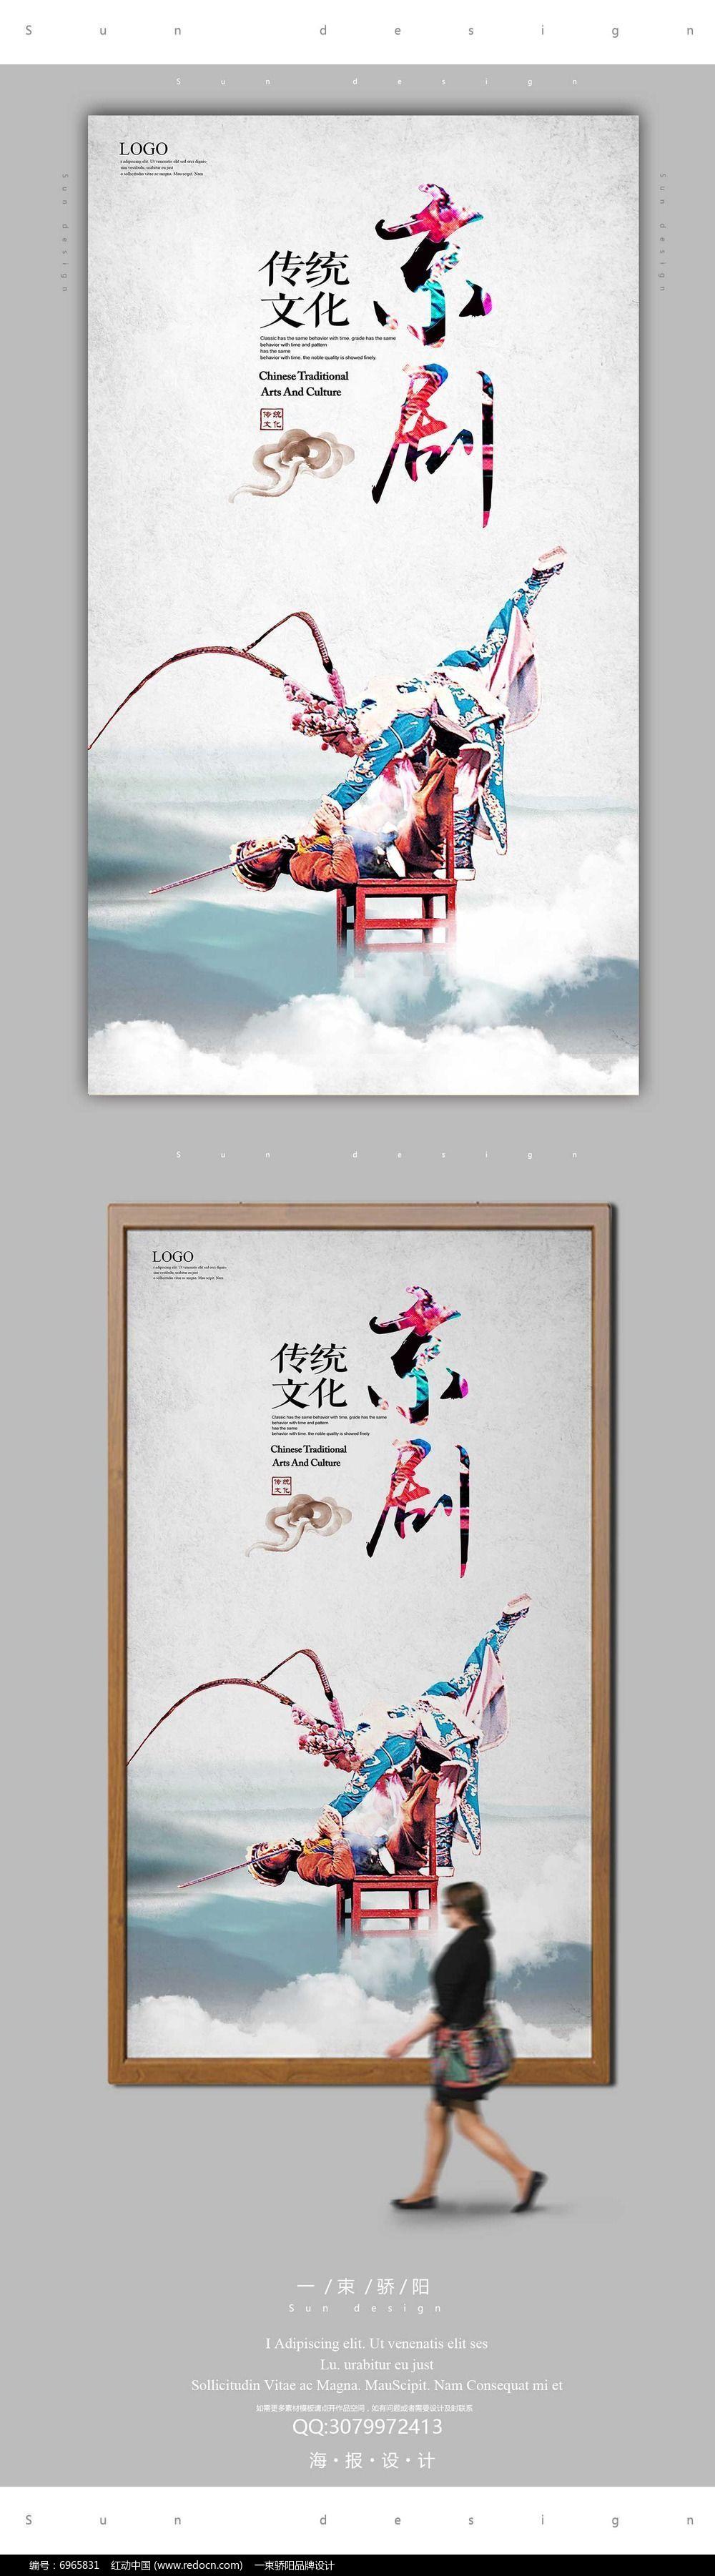 简约中国风京剧传统文化宣传海报设计PSD图片